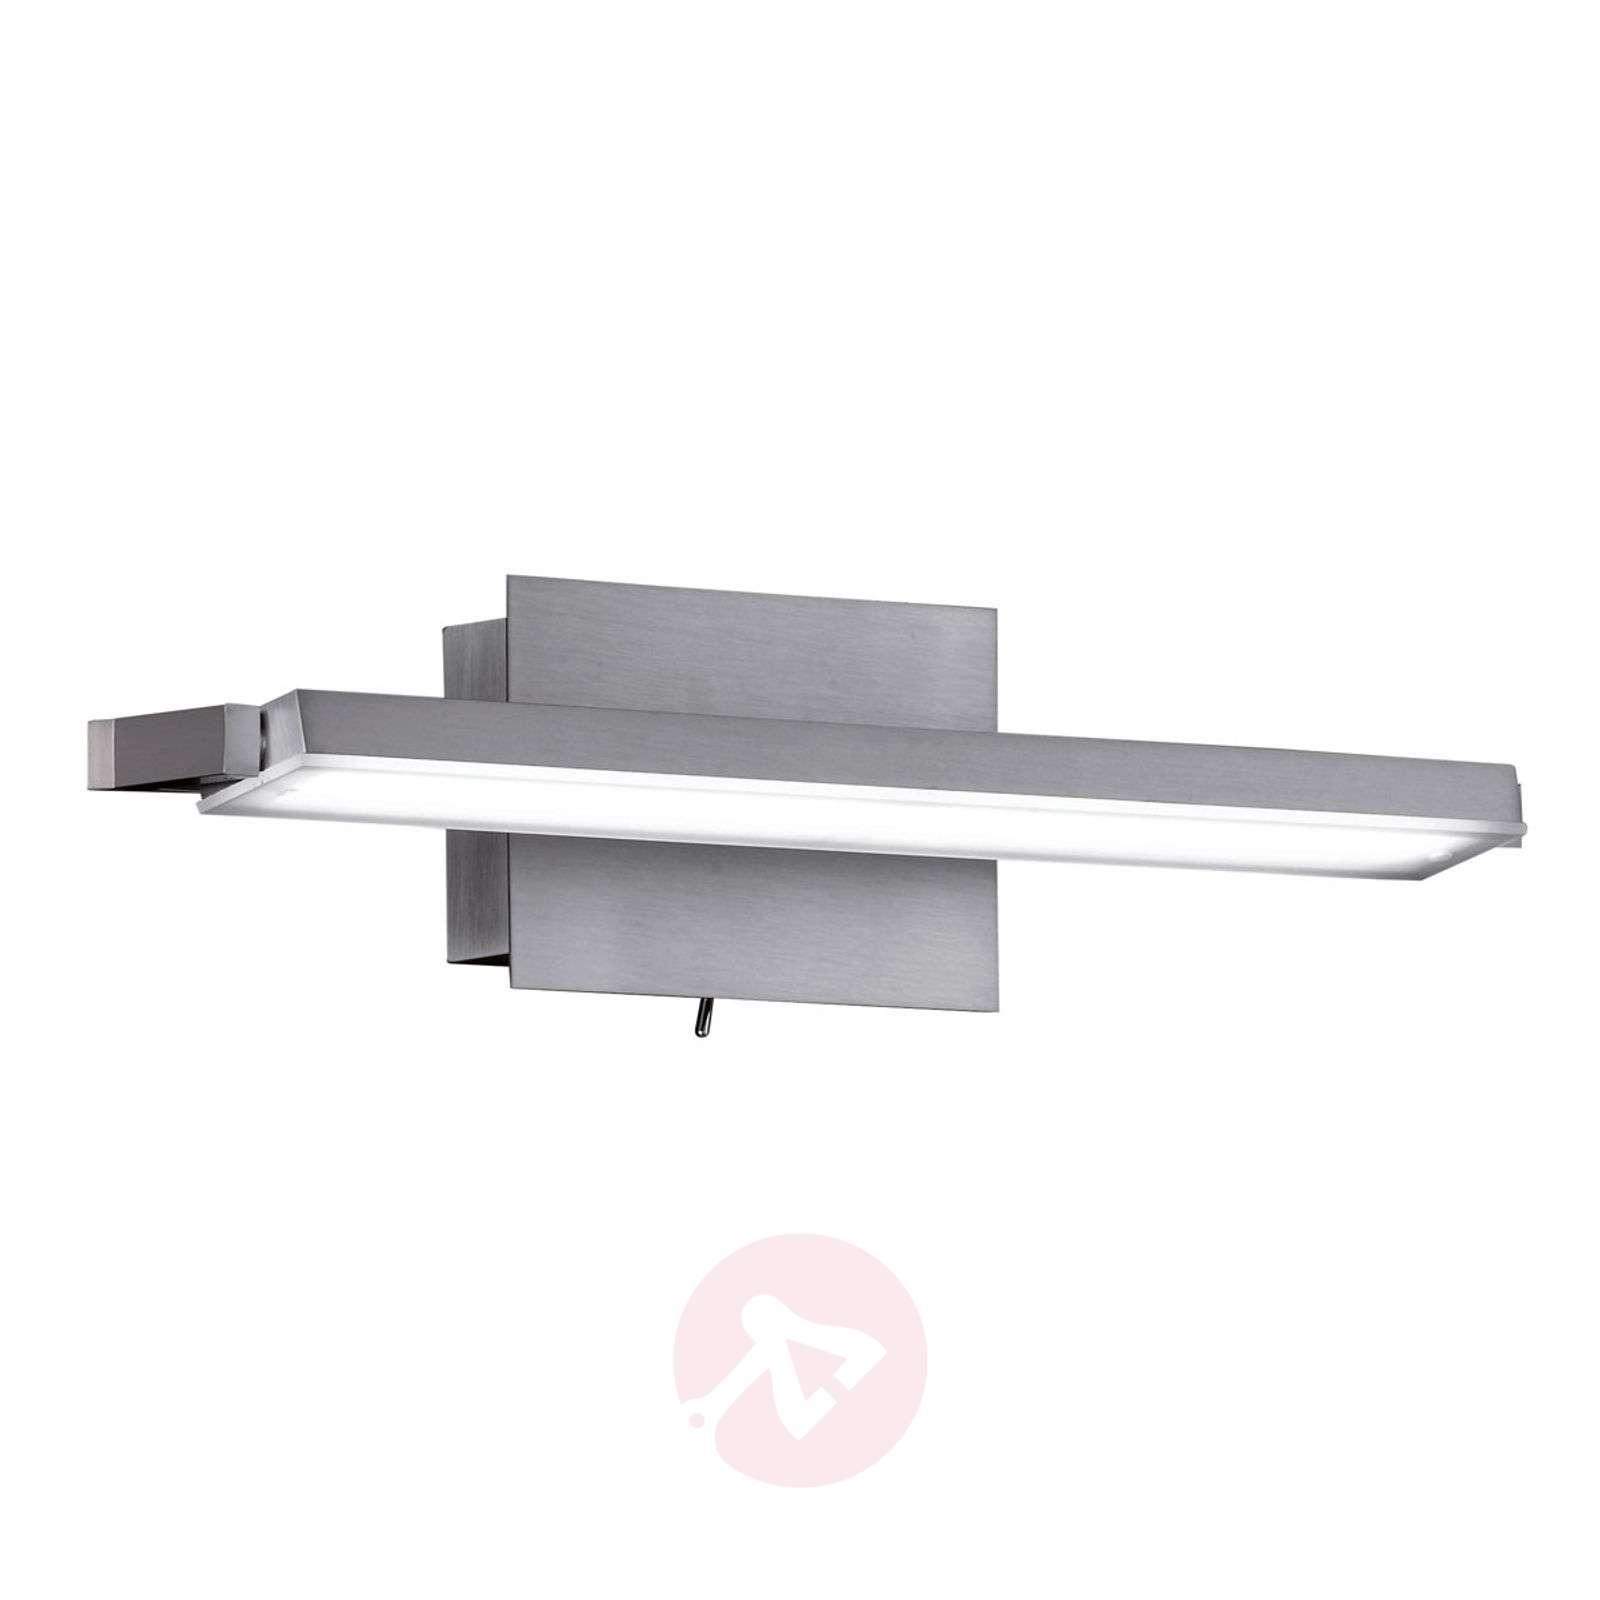 LED-seinävalaisin Pare, käännettävä, kytkin-4581592X-01